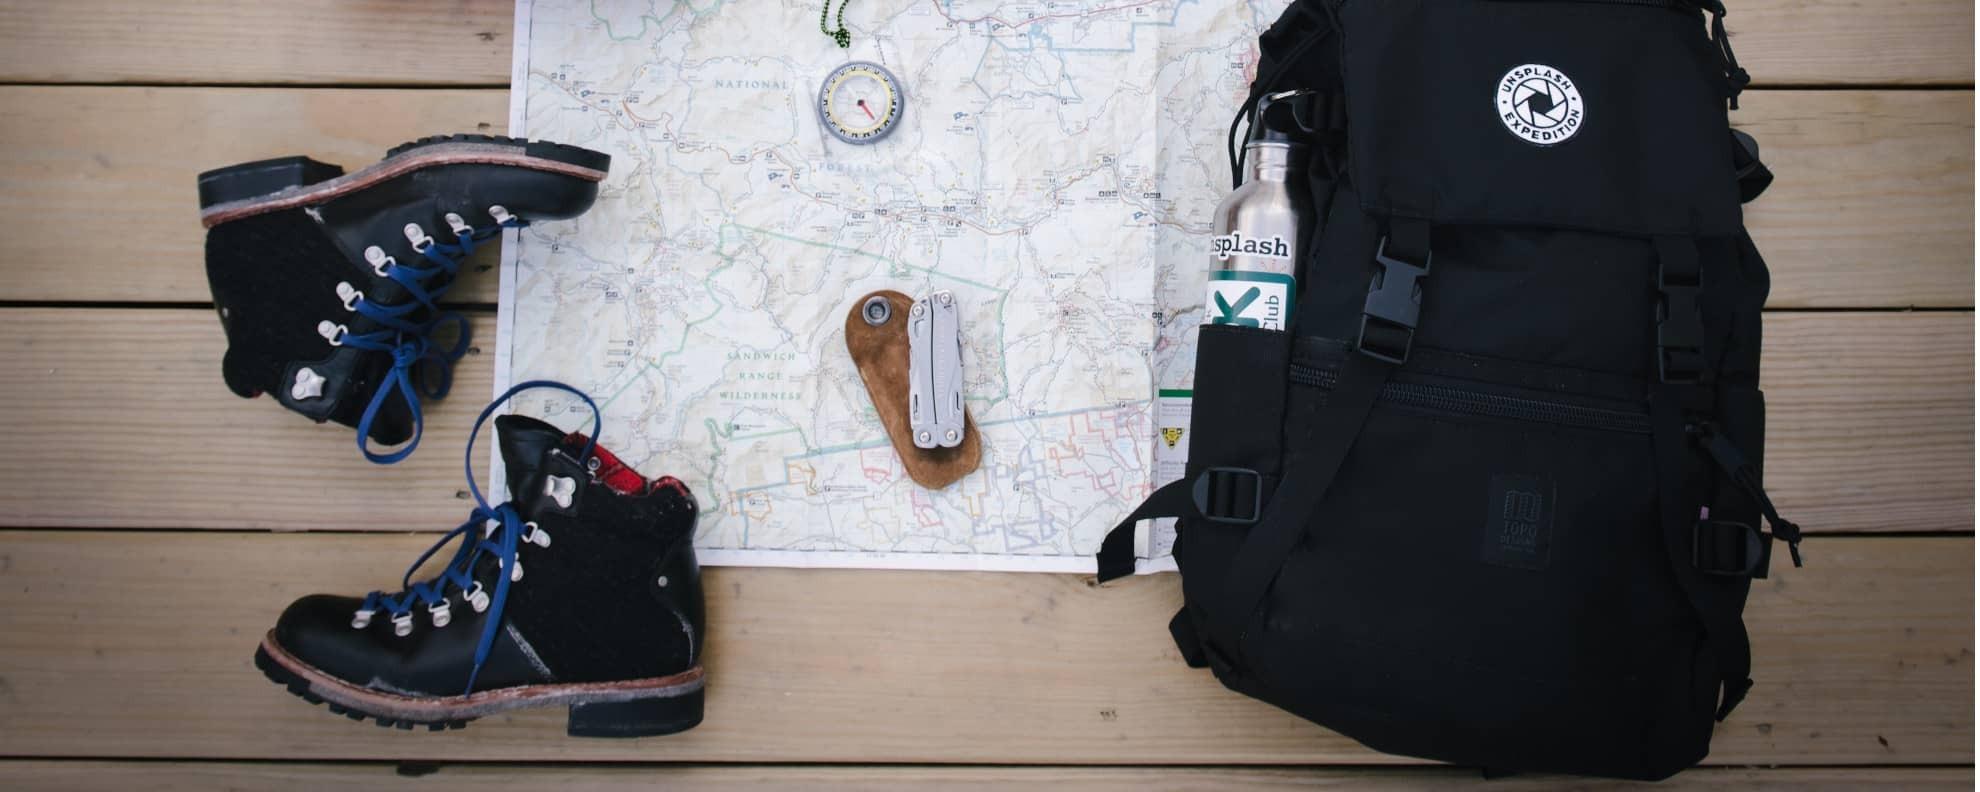 Bergsteigen für Anfänger: Die wichtigsten ersten Schritte